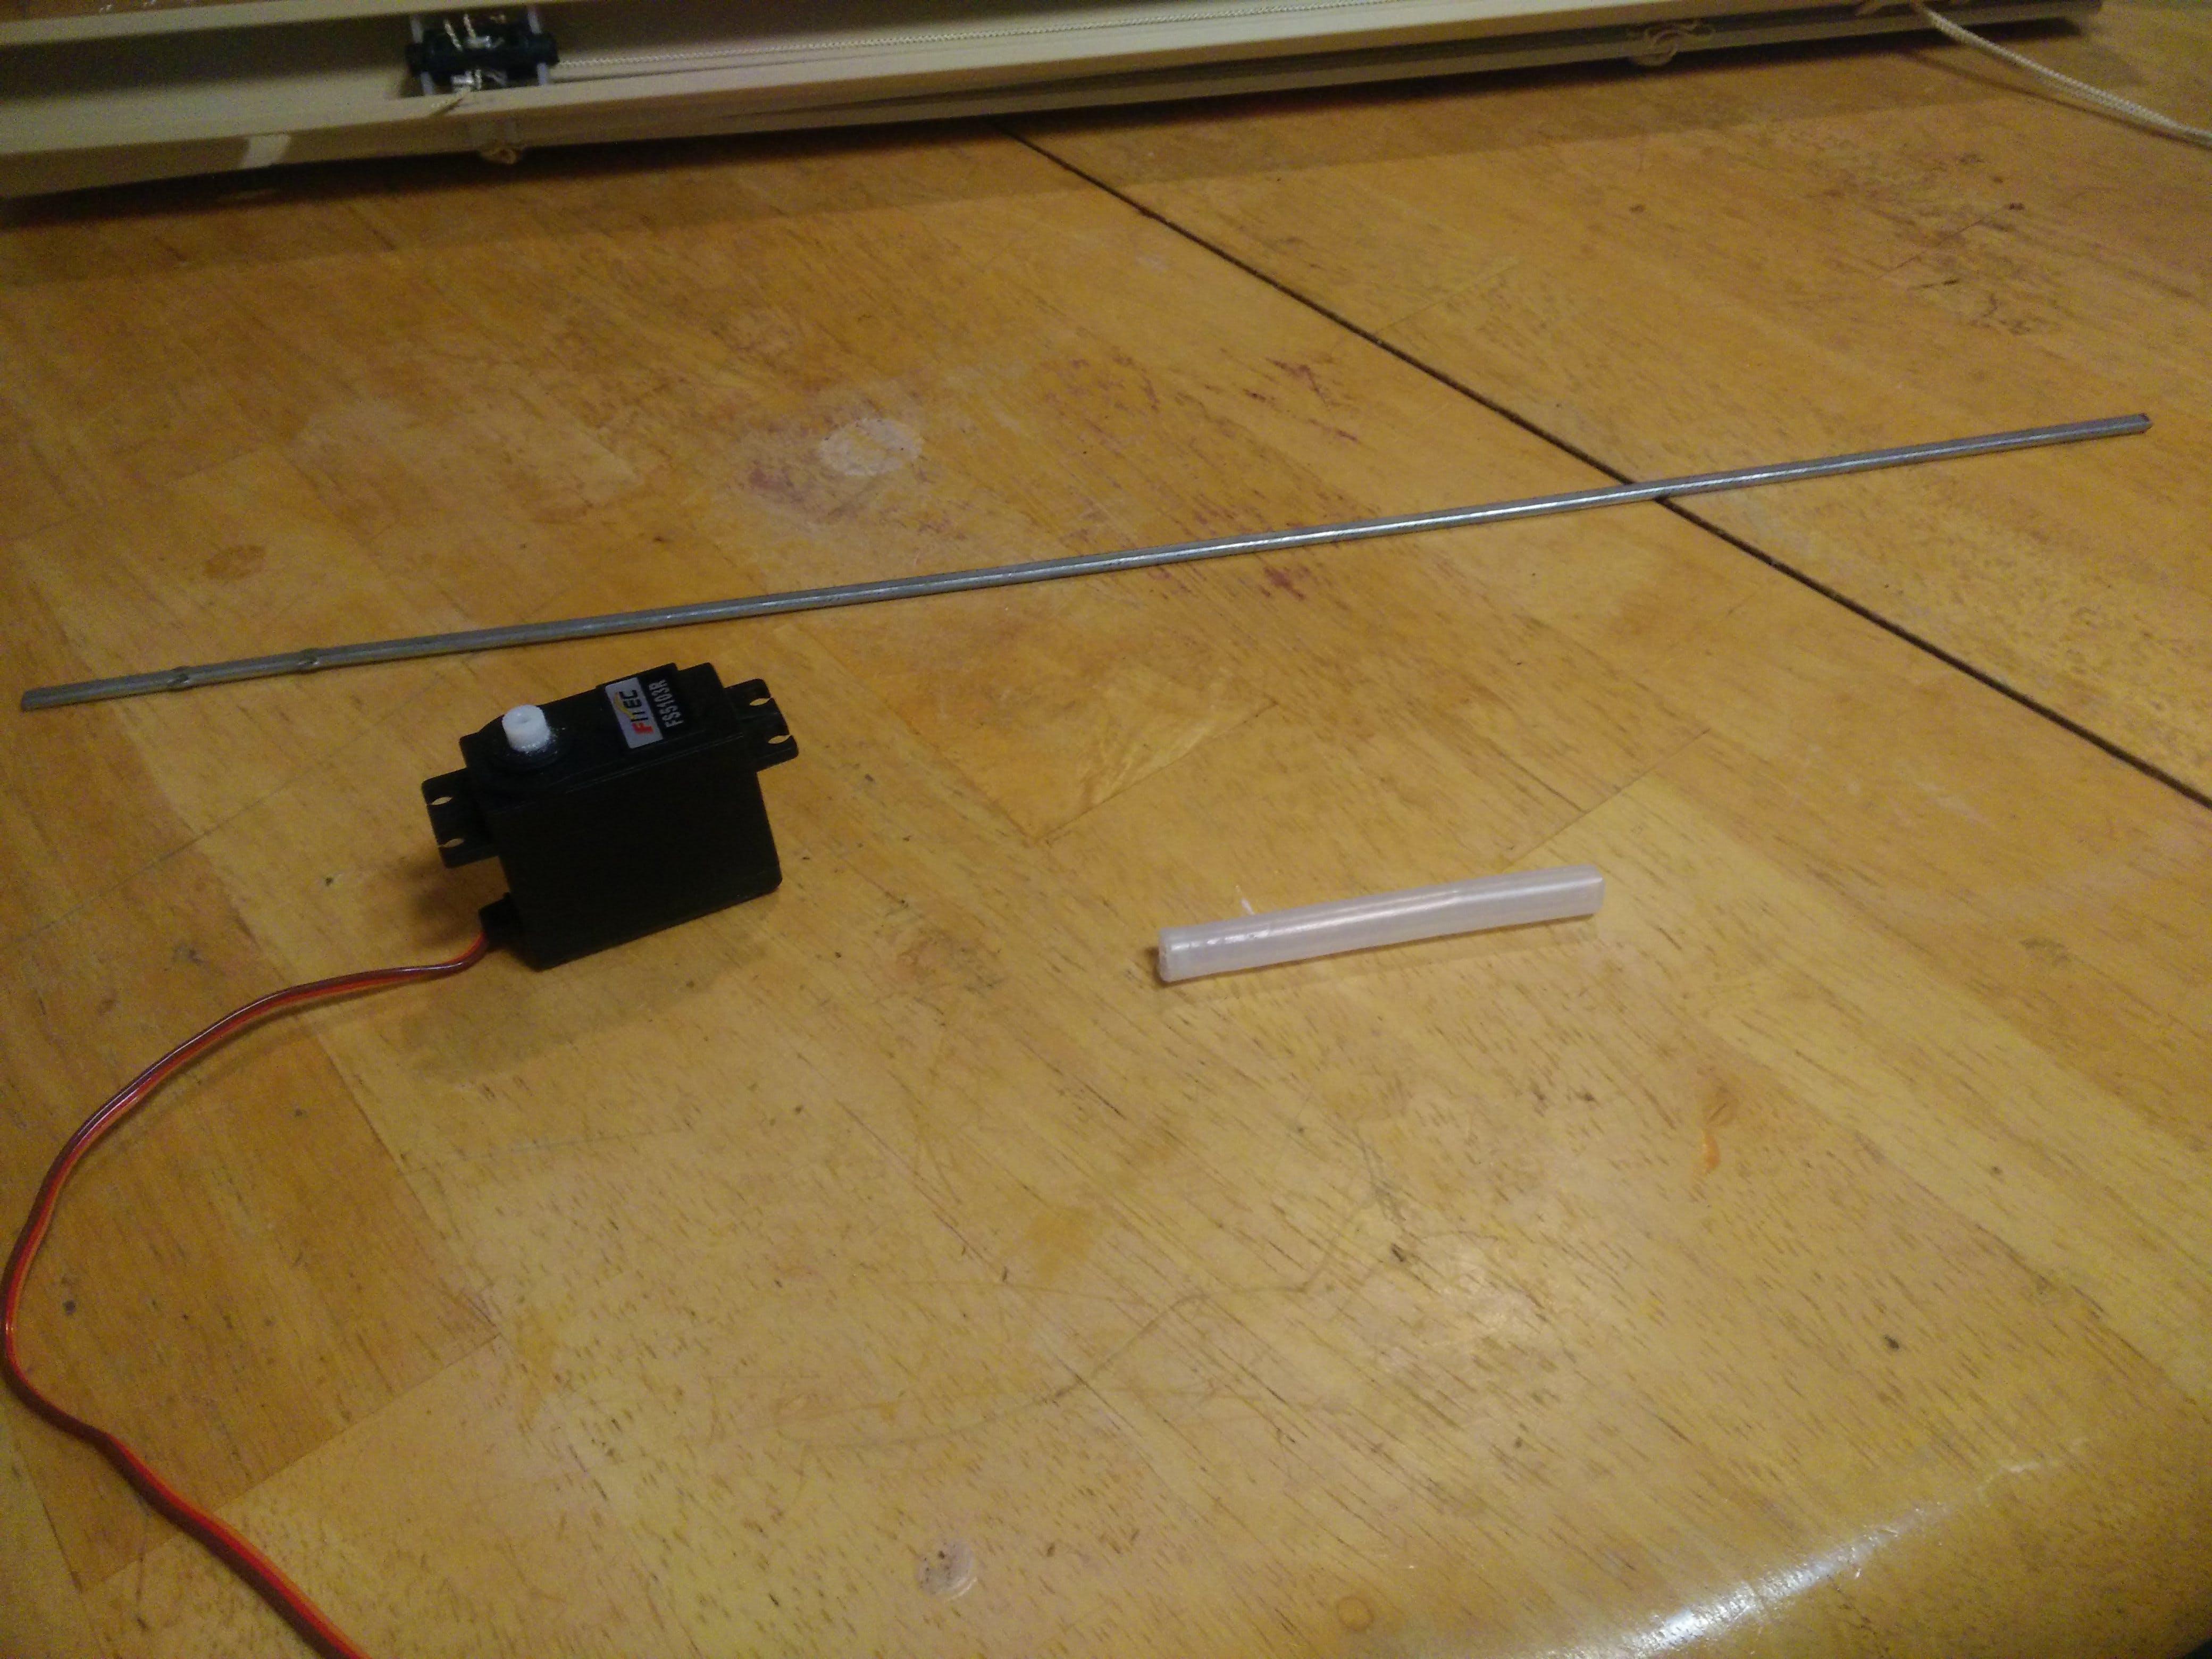 Servo, blind rod, and tubing